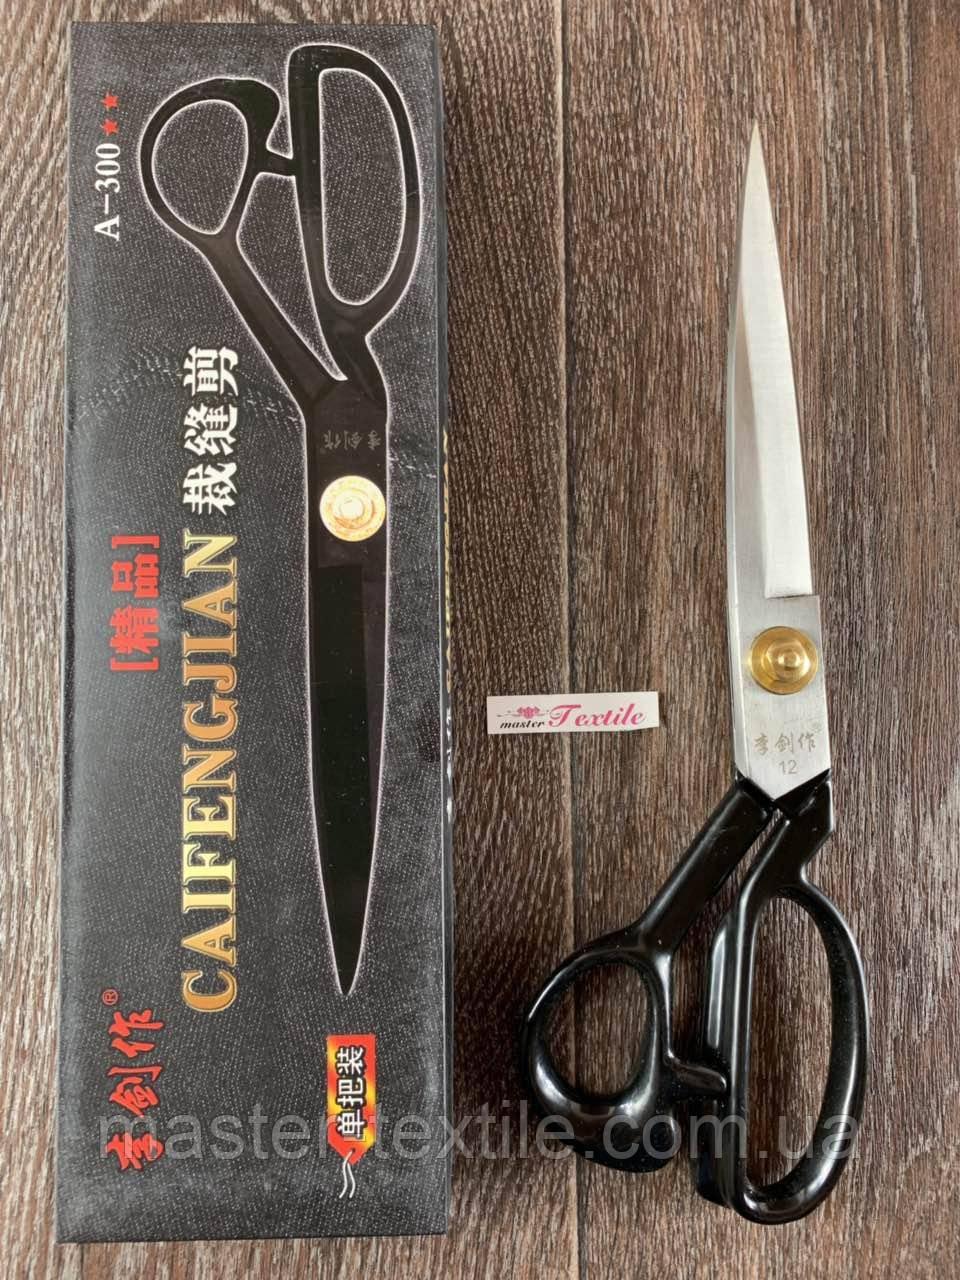 Ножницы профессиональные портновские A-300, 12 дюймов